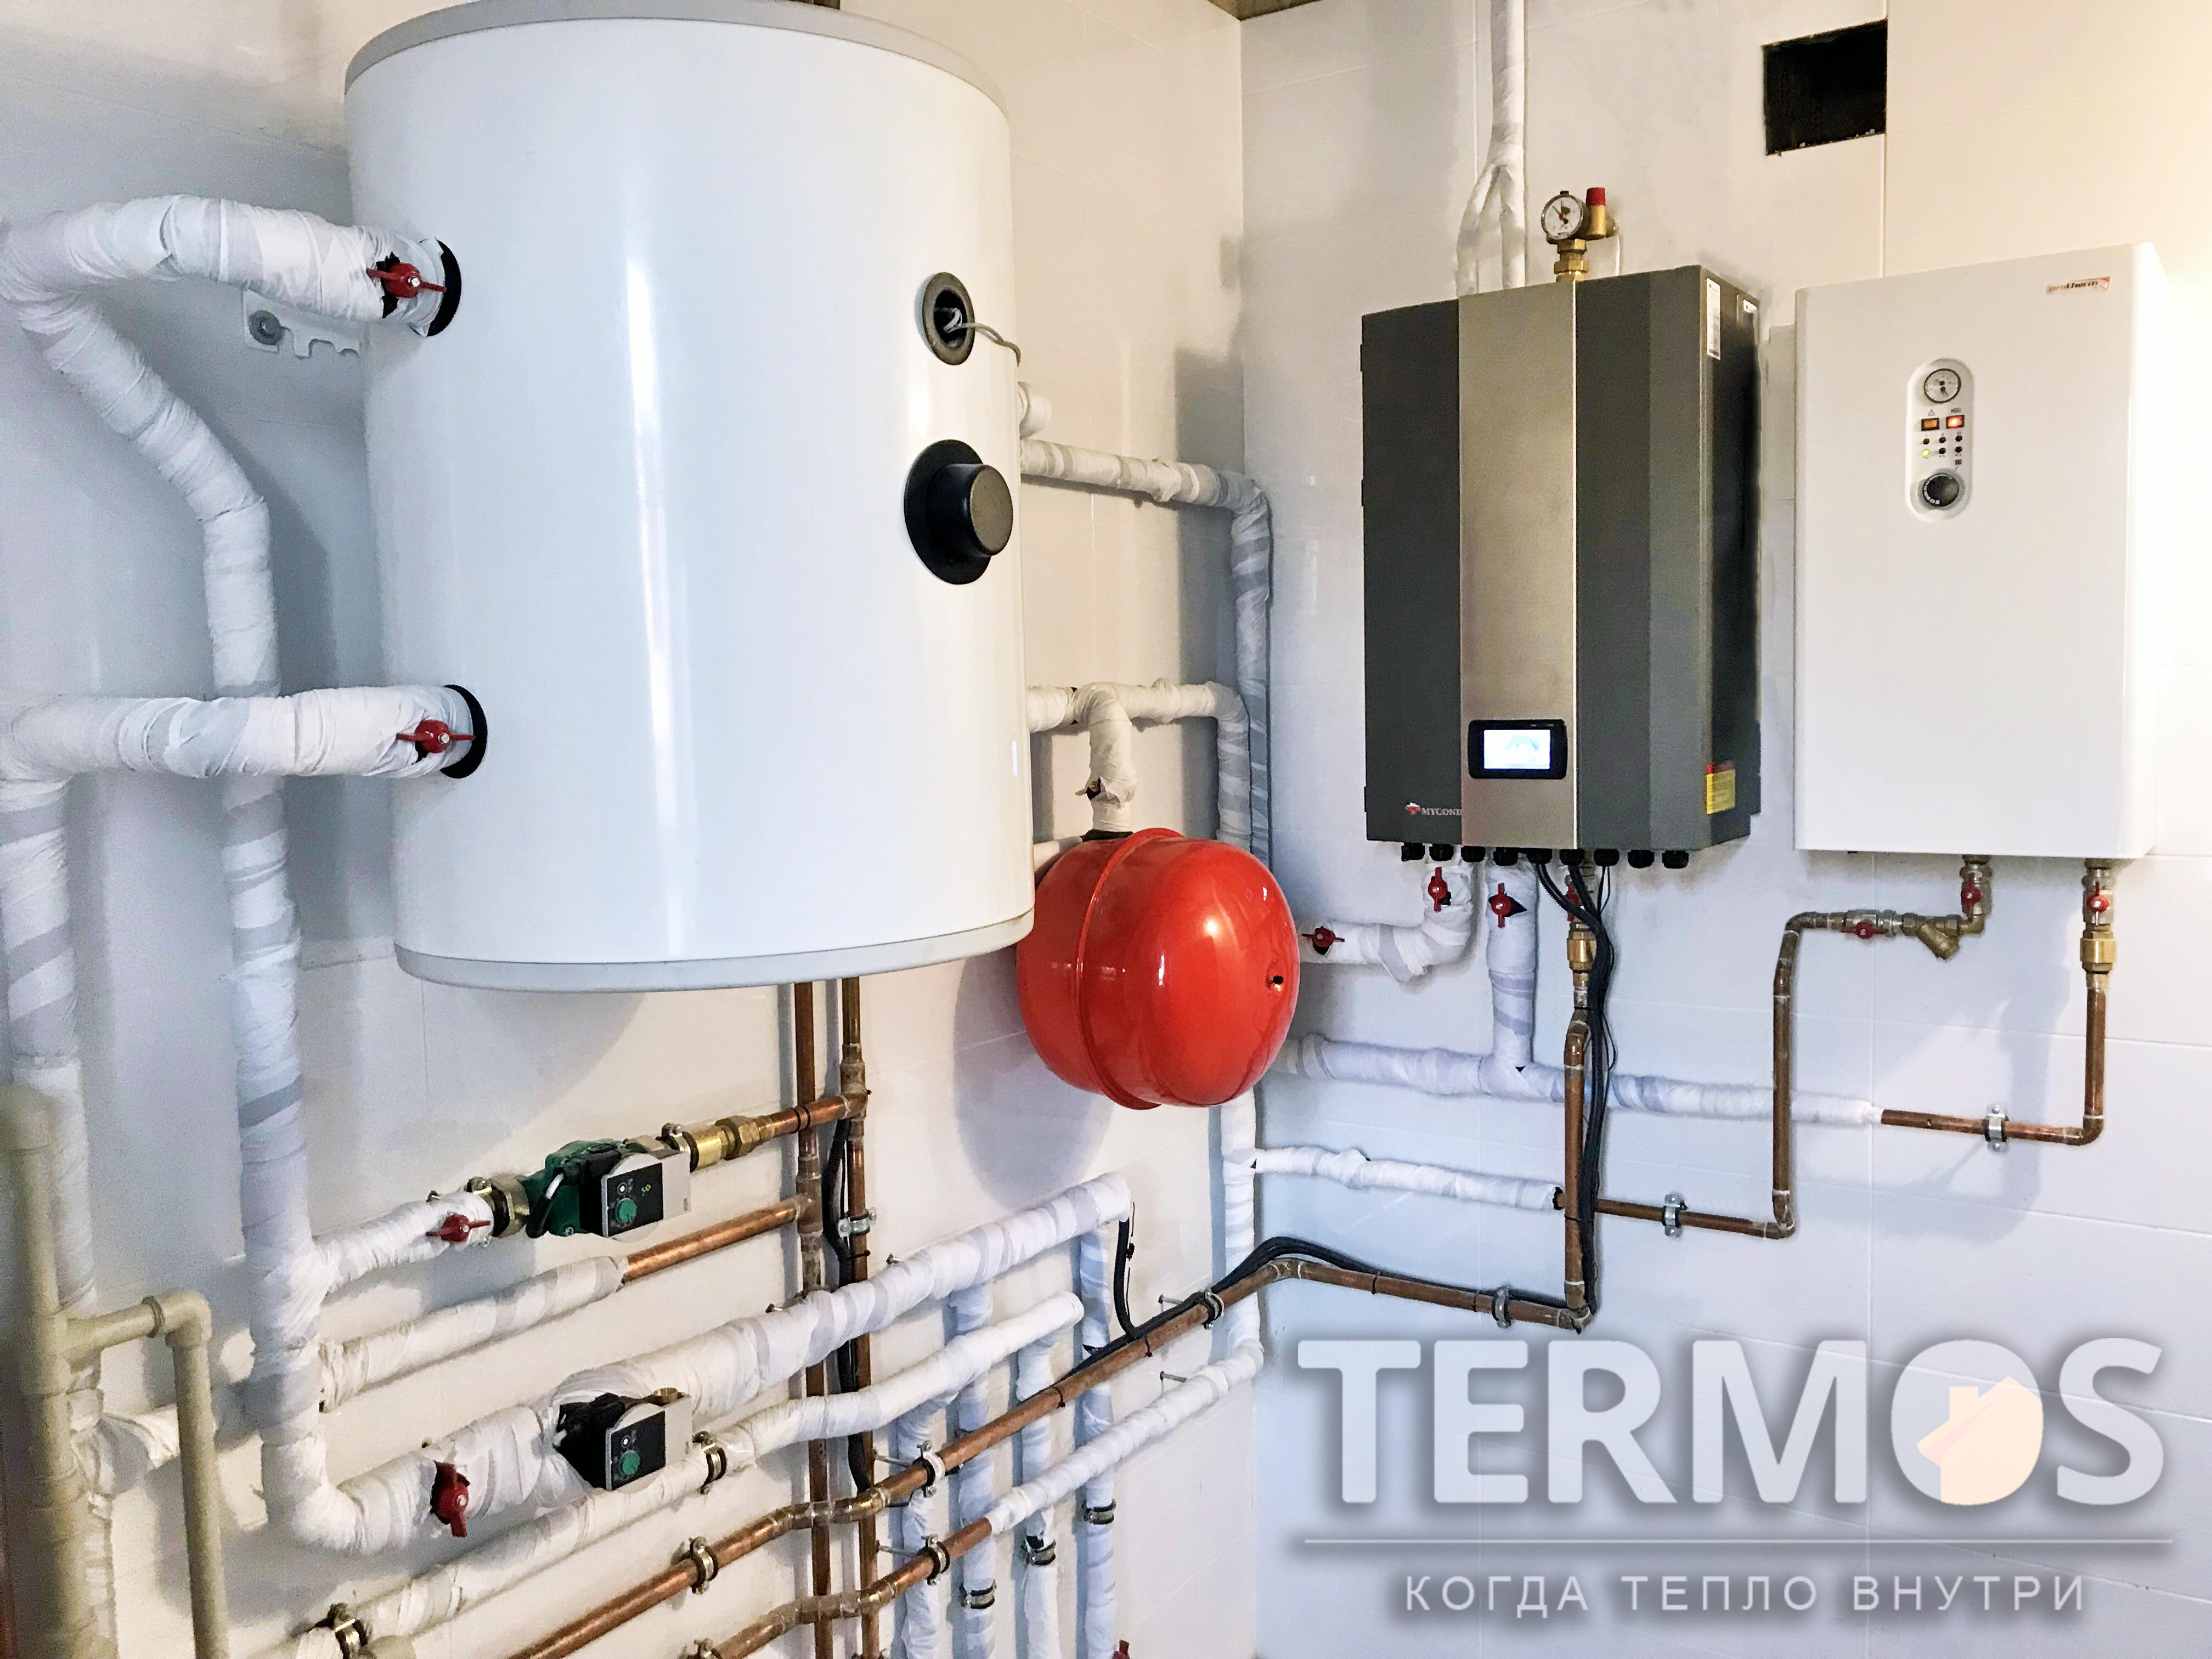 Режим охлаждения летом включается автоматически, охлаждение производится потолочными фанкойлами